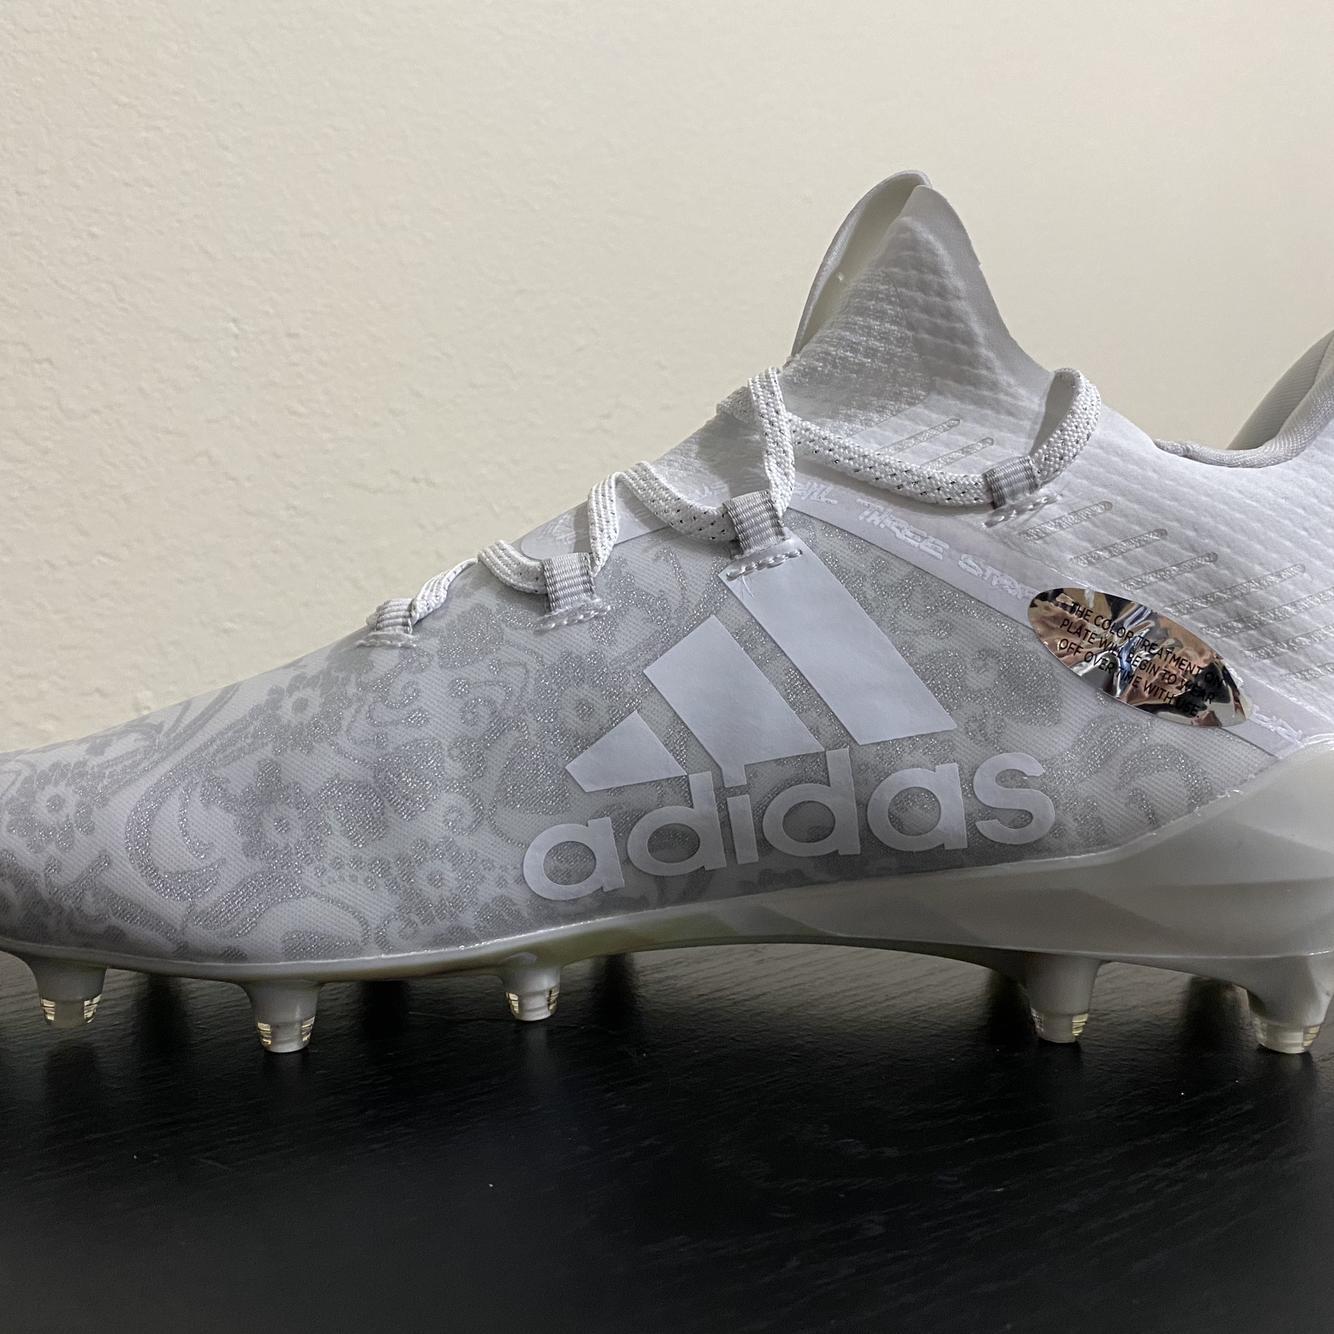 Adidas Adizero New Reign Size 11